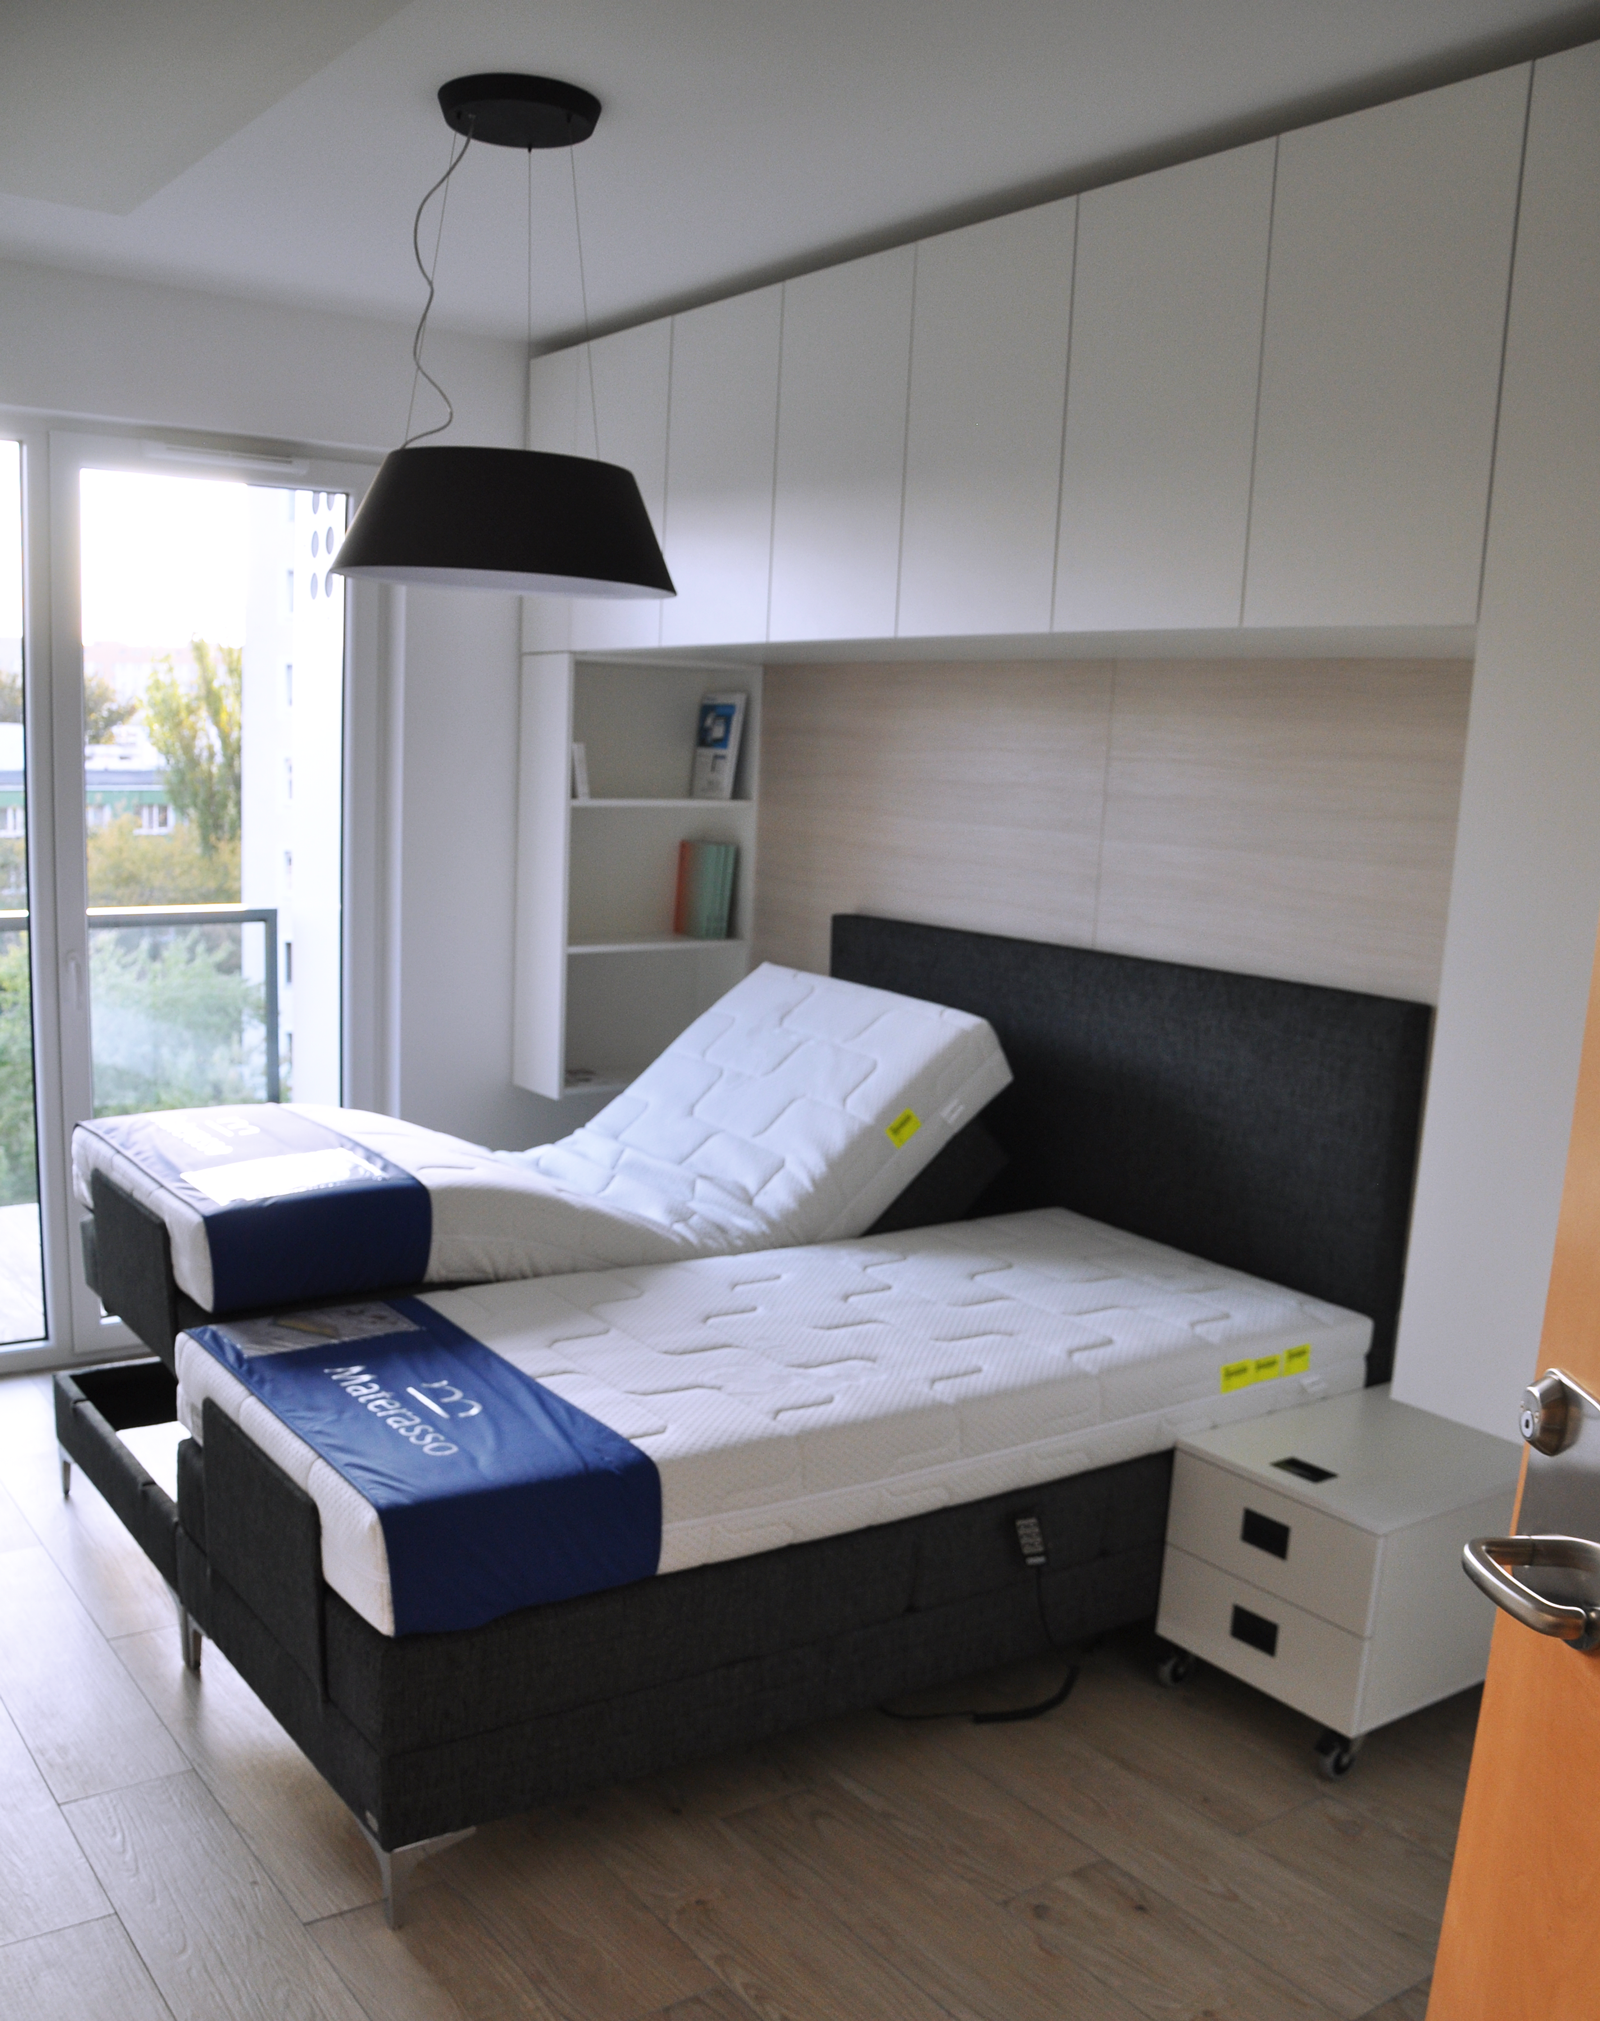 Zdjęcie przedstawia sypialnię w mieszkaniu przystosowanym dla seniora. Znajduje się w niej łóżko z dwoma, podnoszonymi materacami. WIdać wejście na balkon oraz szafki obok łóżka.